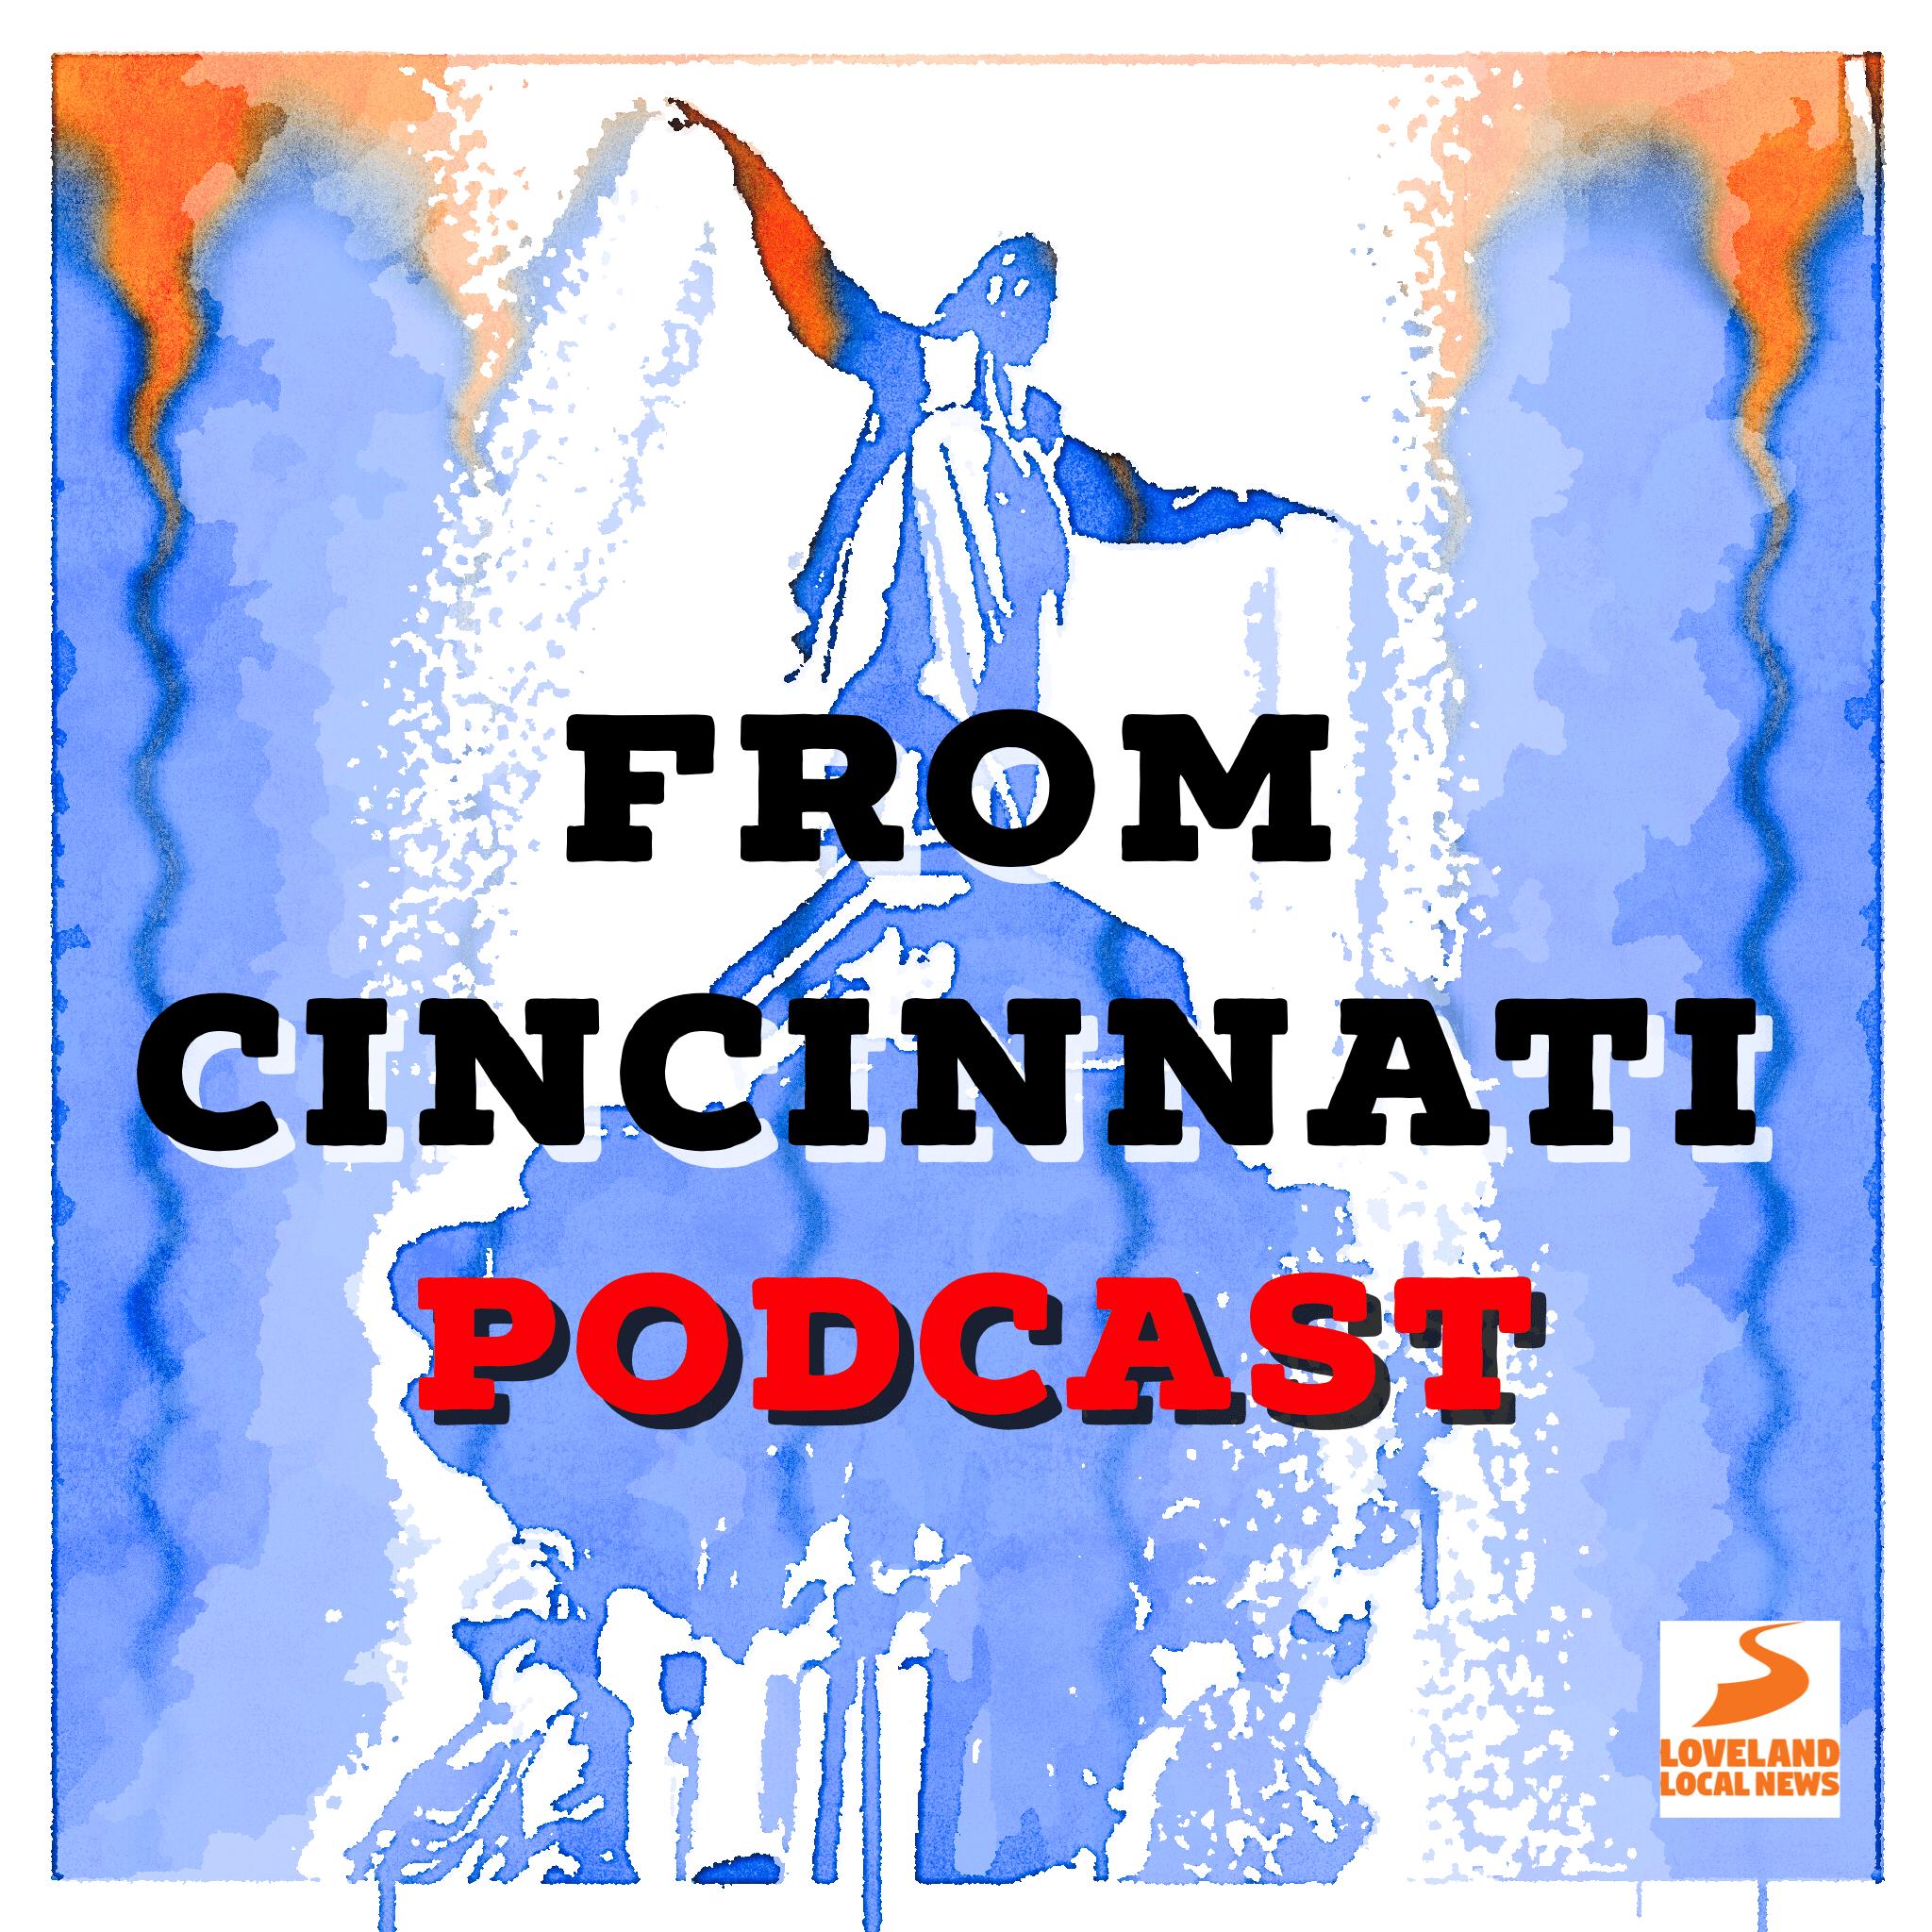 From Cincinnati Podcast Album Cover Art